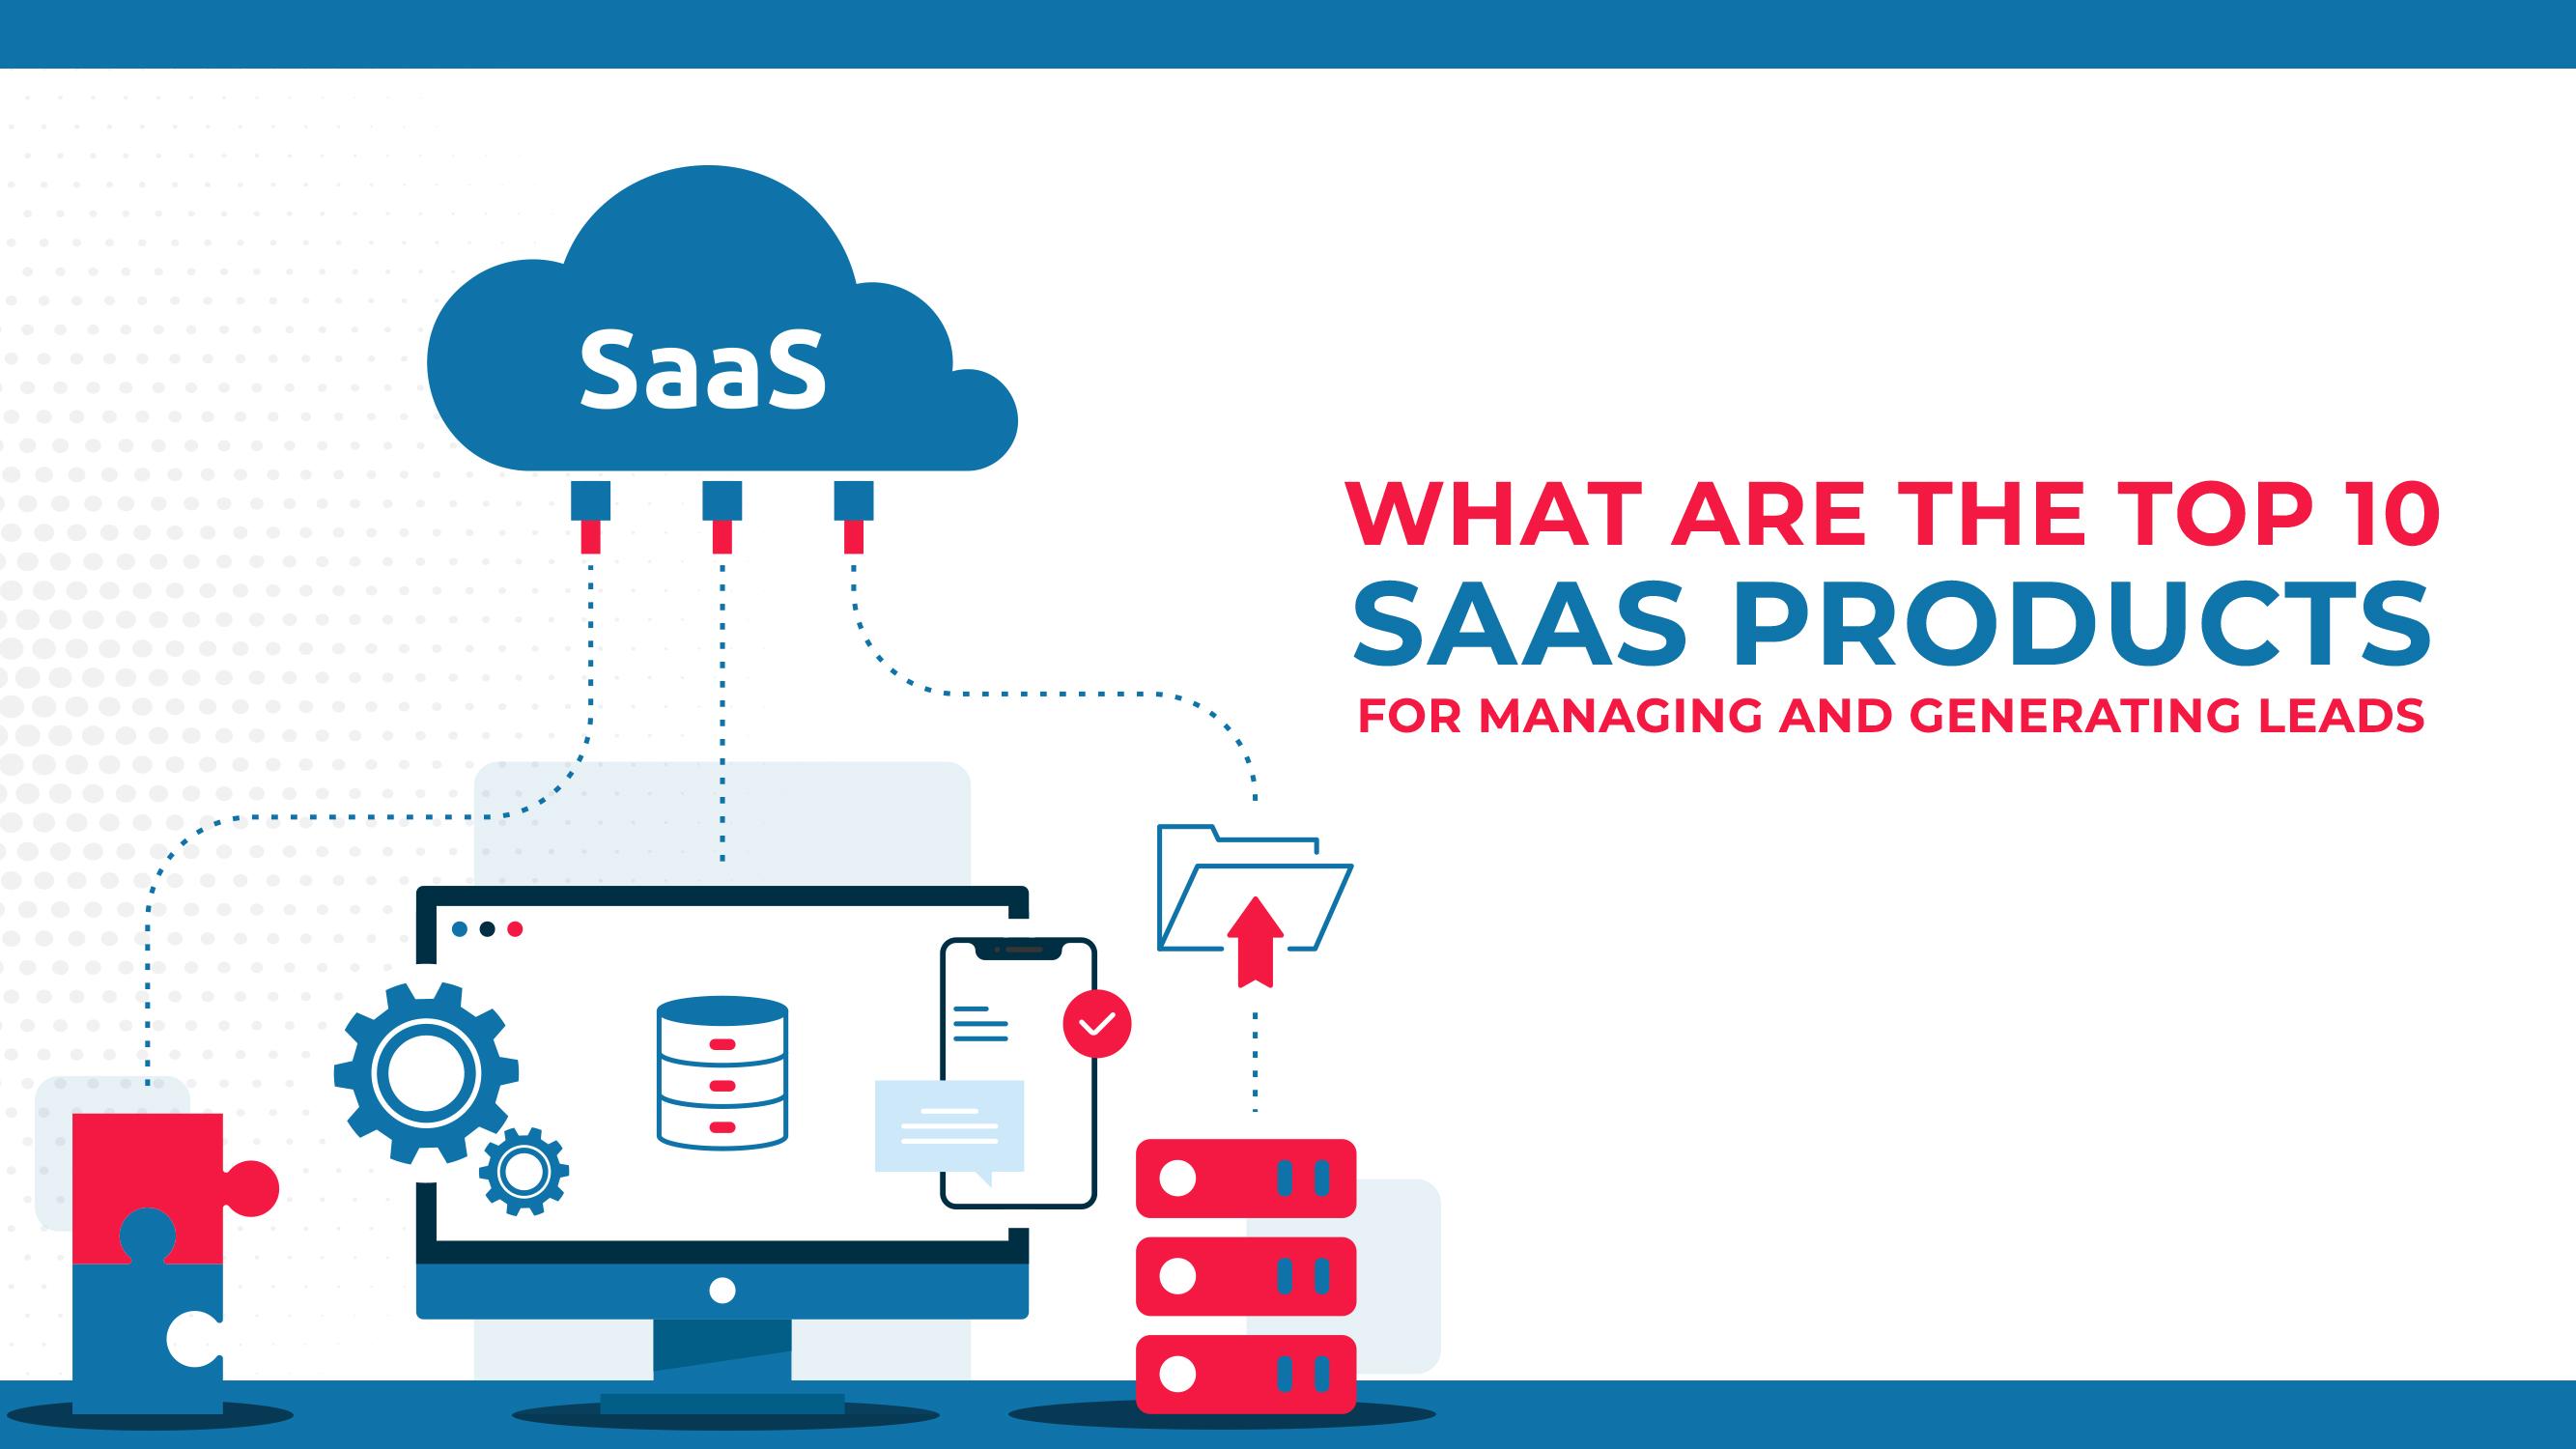 リードを管理し、生成するためのトップ10のSAAS製品は何ですか?